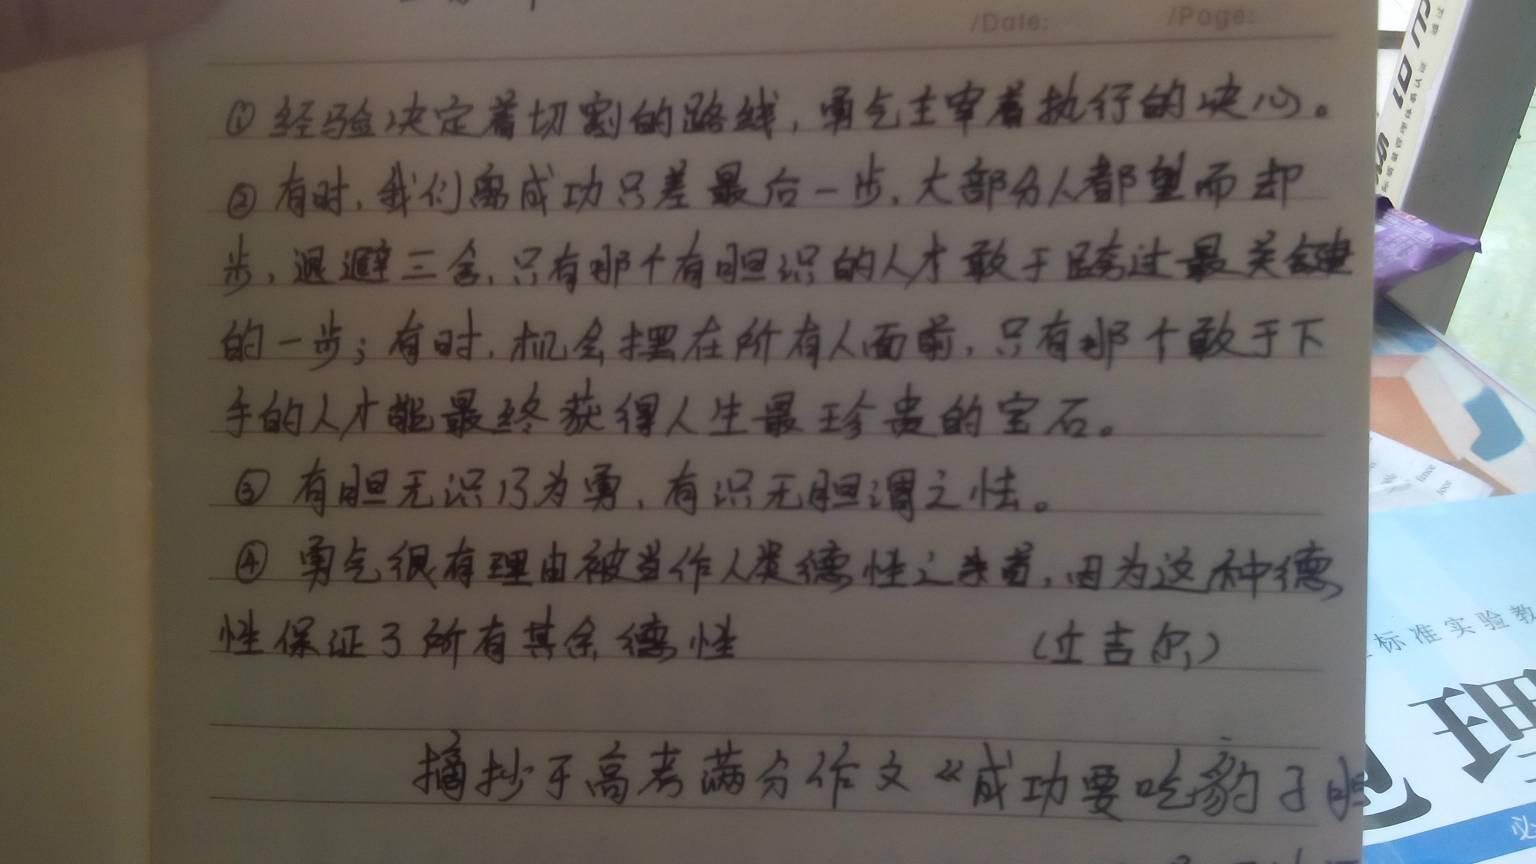 高中语文句子摘抄_求高一语文摘抄400字 优美句子或语段 要有出处_百度知道